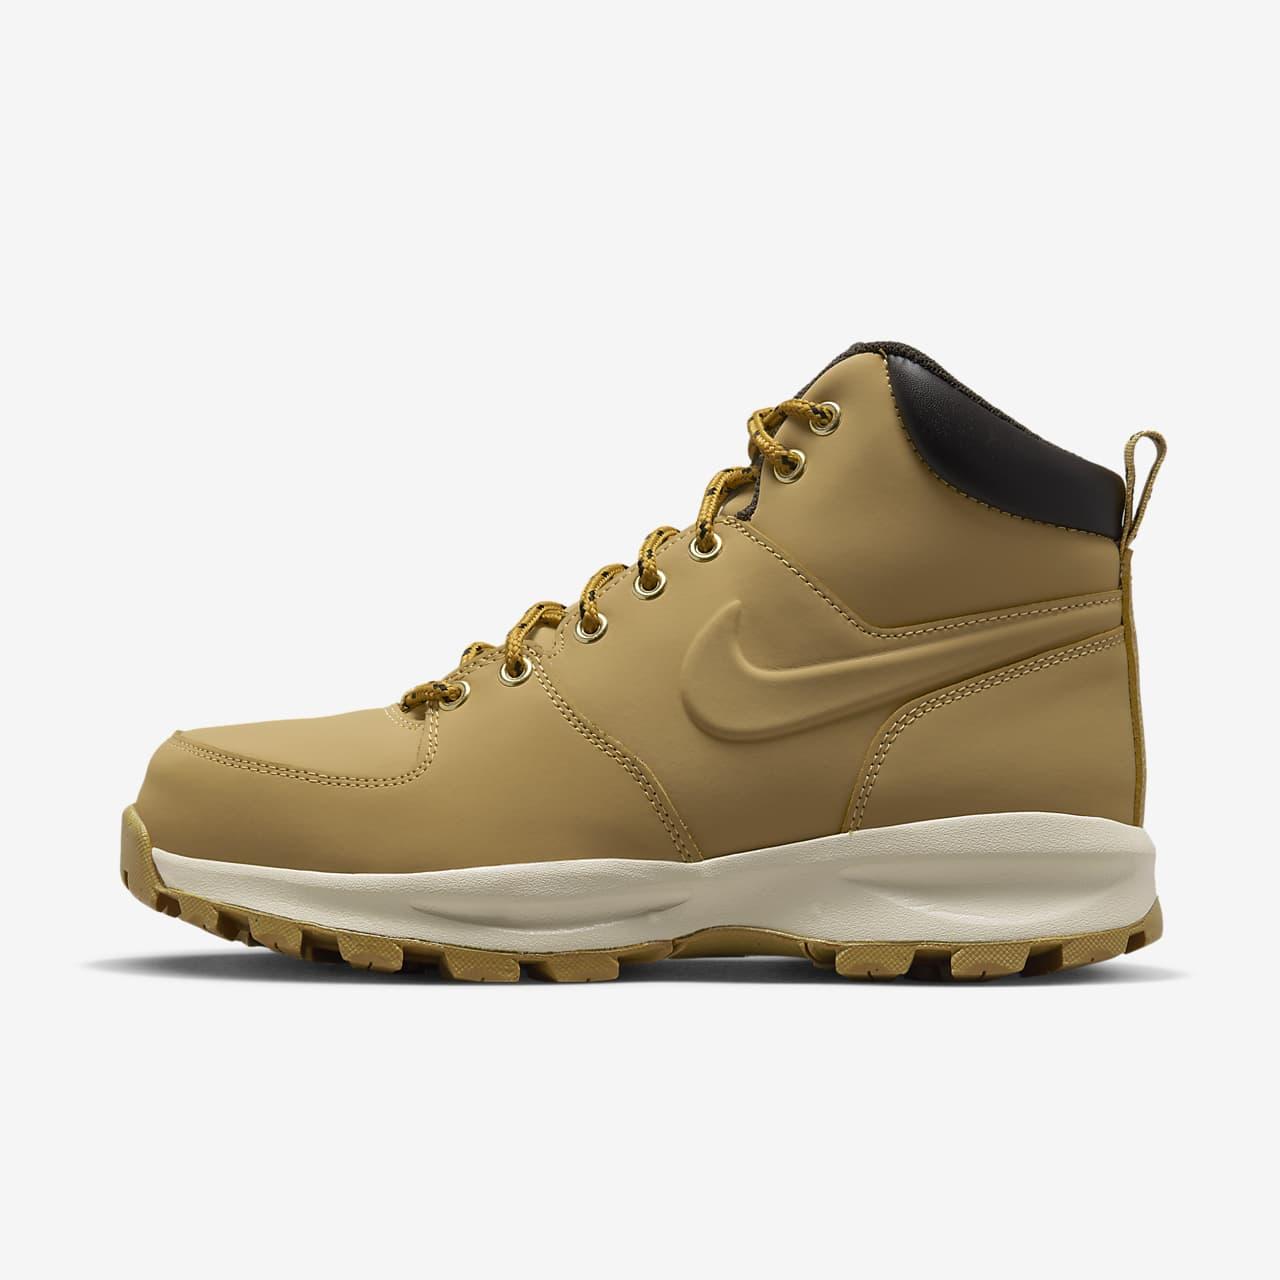 Nike Manoa Lederschuh für Herren